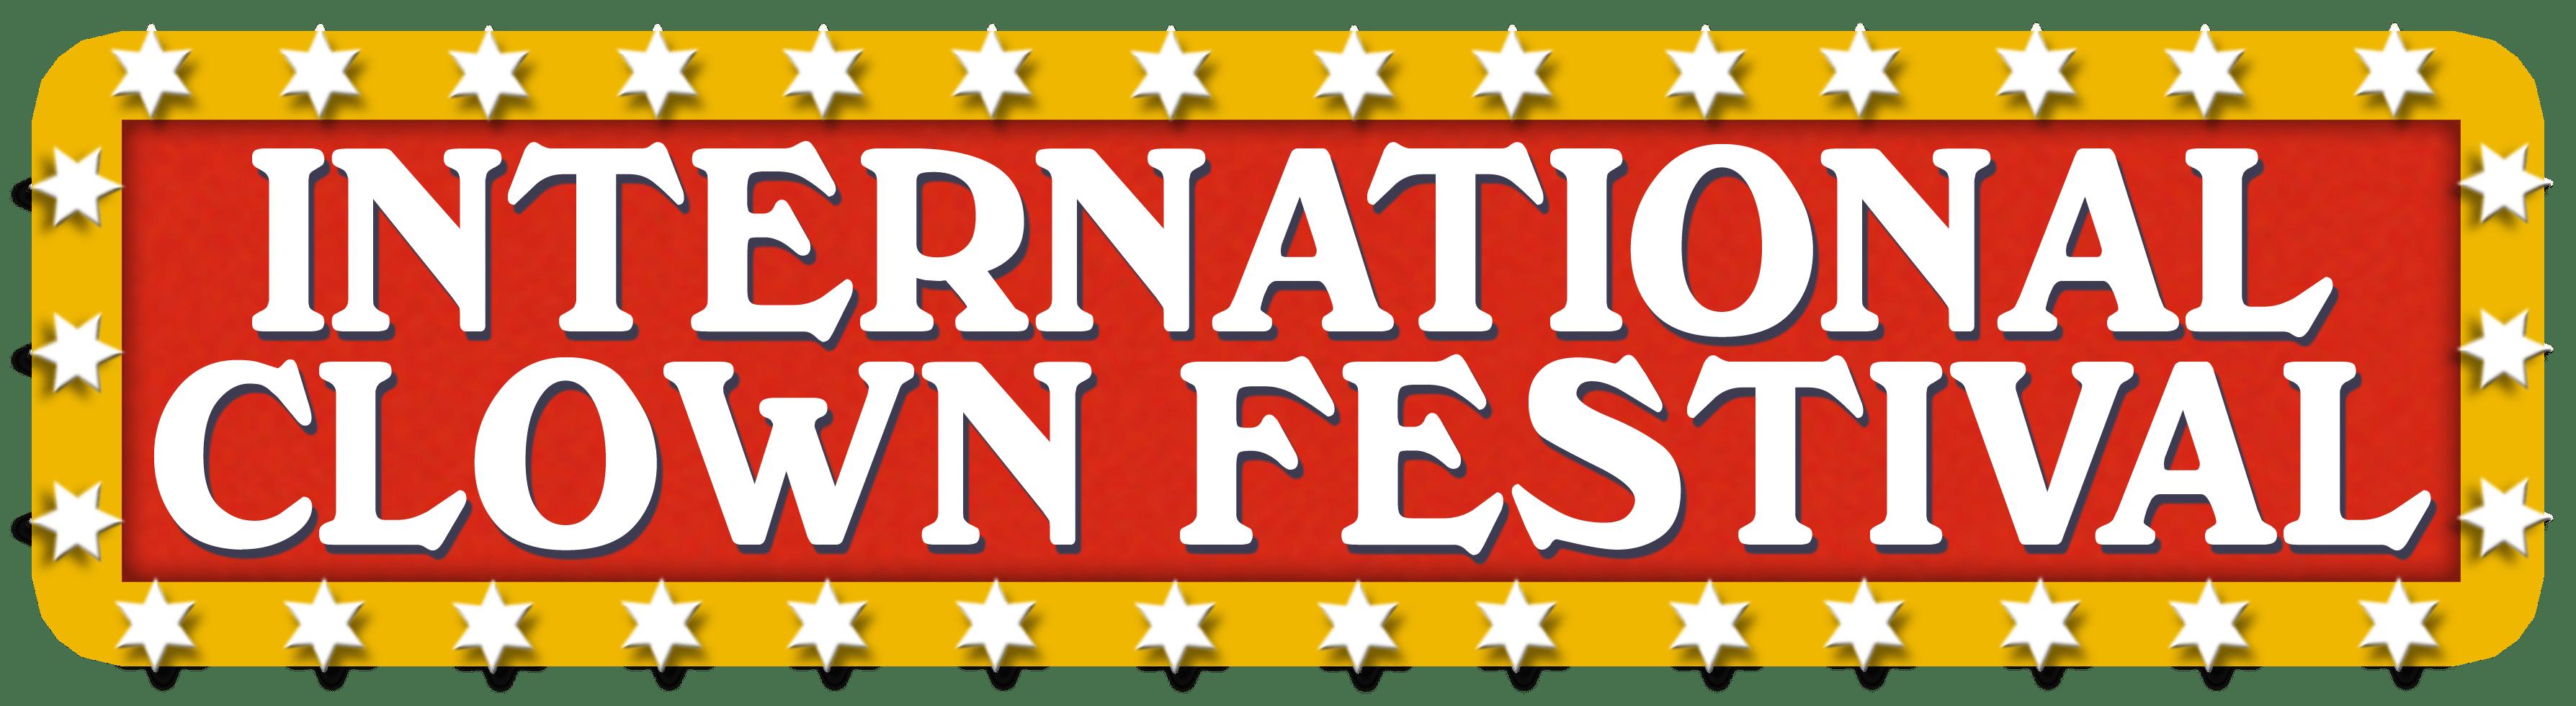 Clown Fest India